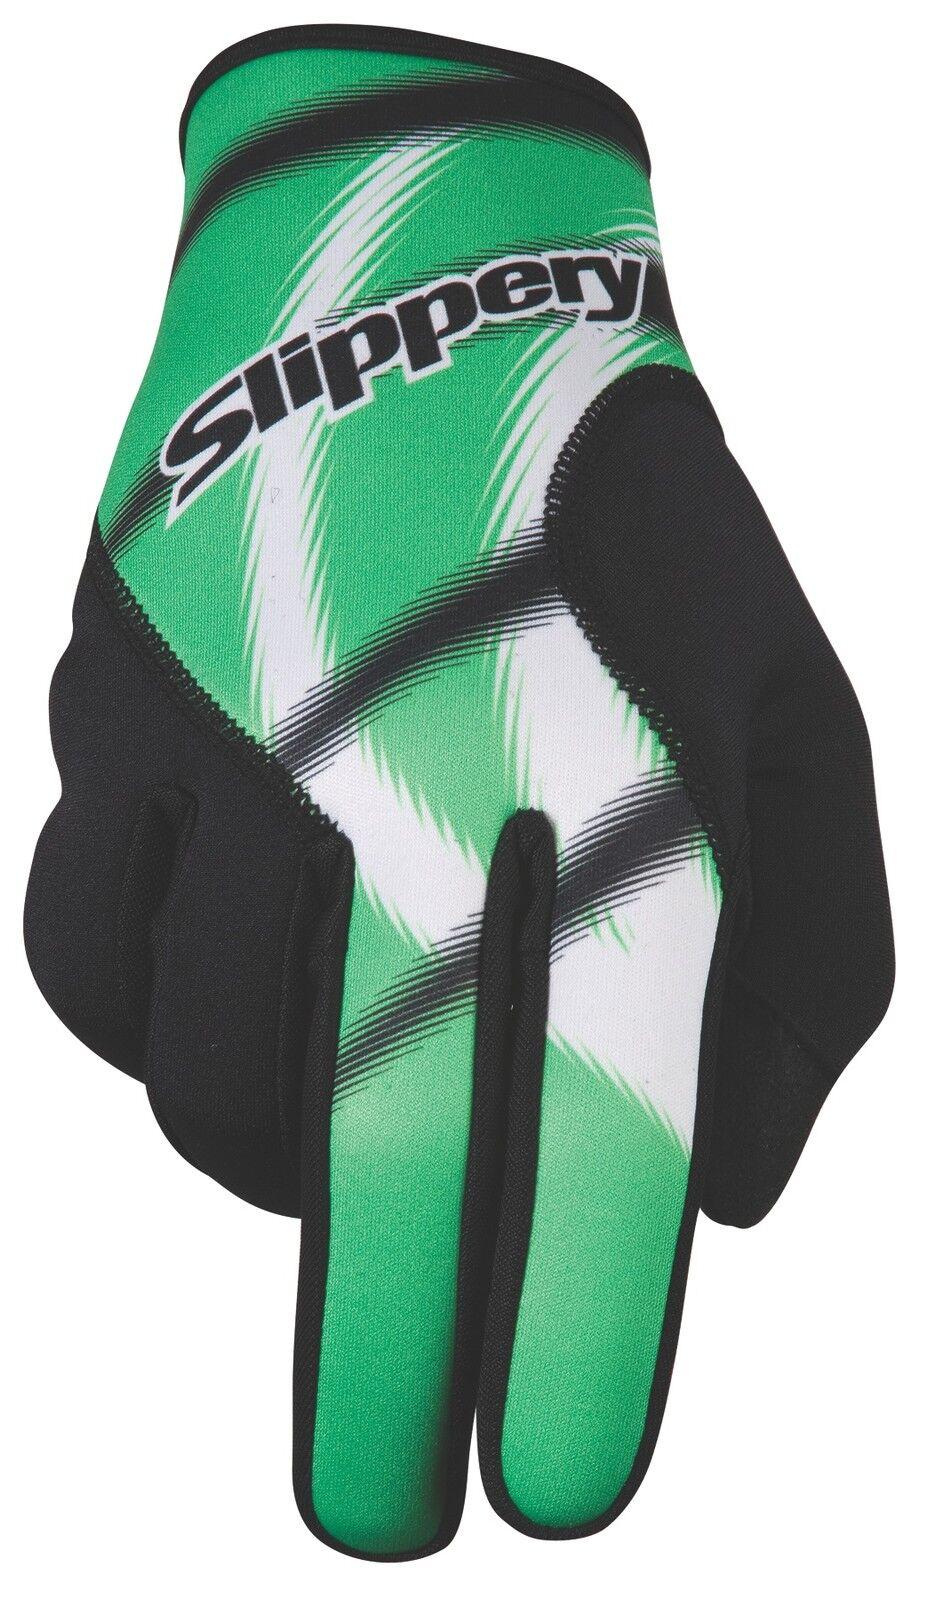 Handschuhe Neopren Magneto Handschuhe Grün - Slippery - Jet Ski - PWC